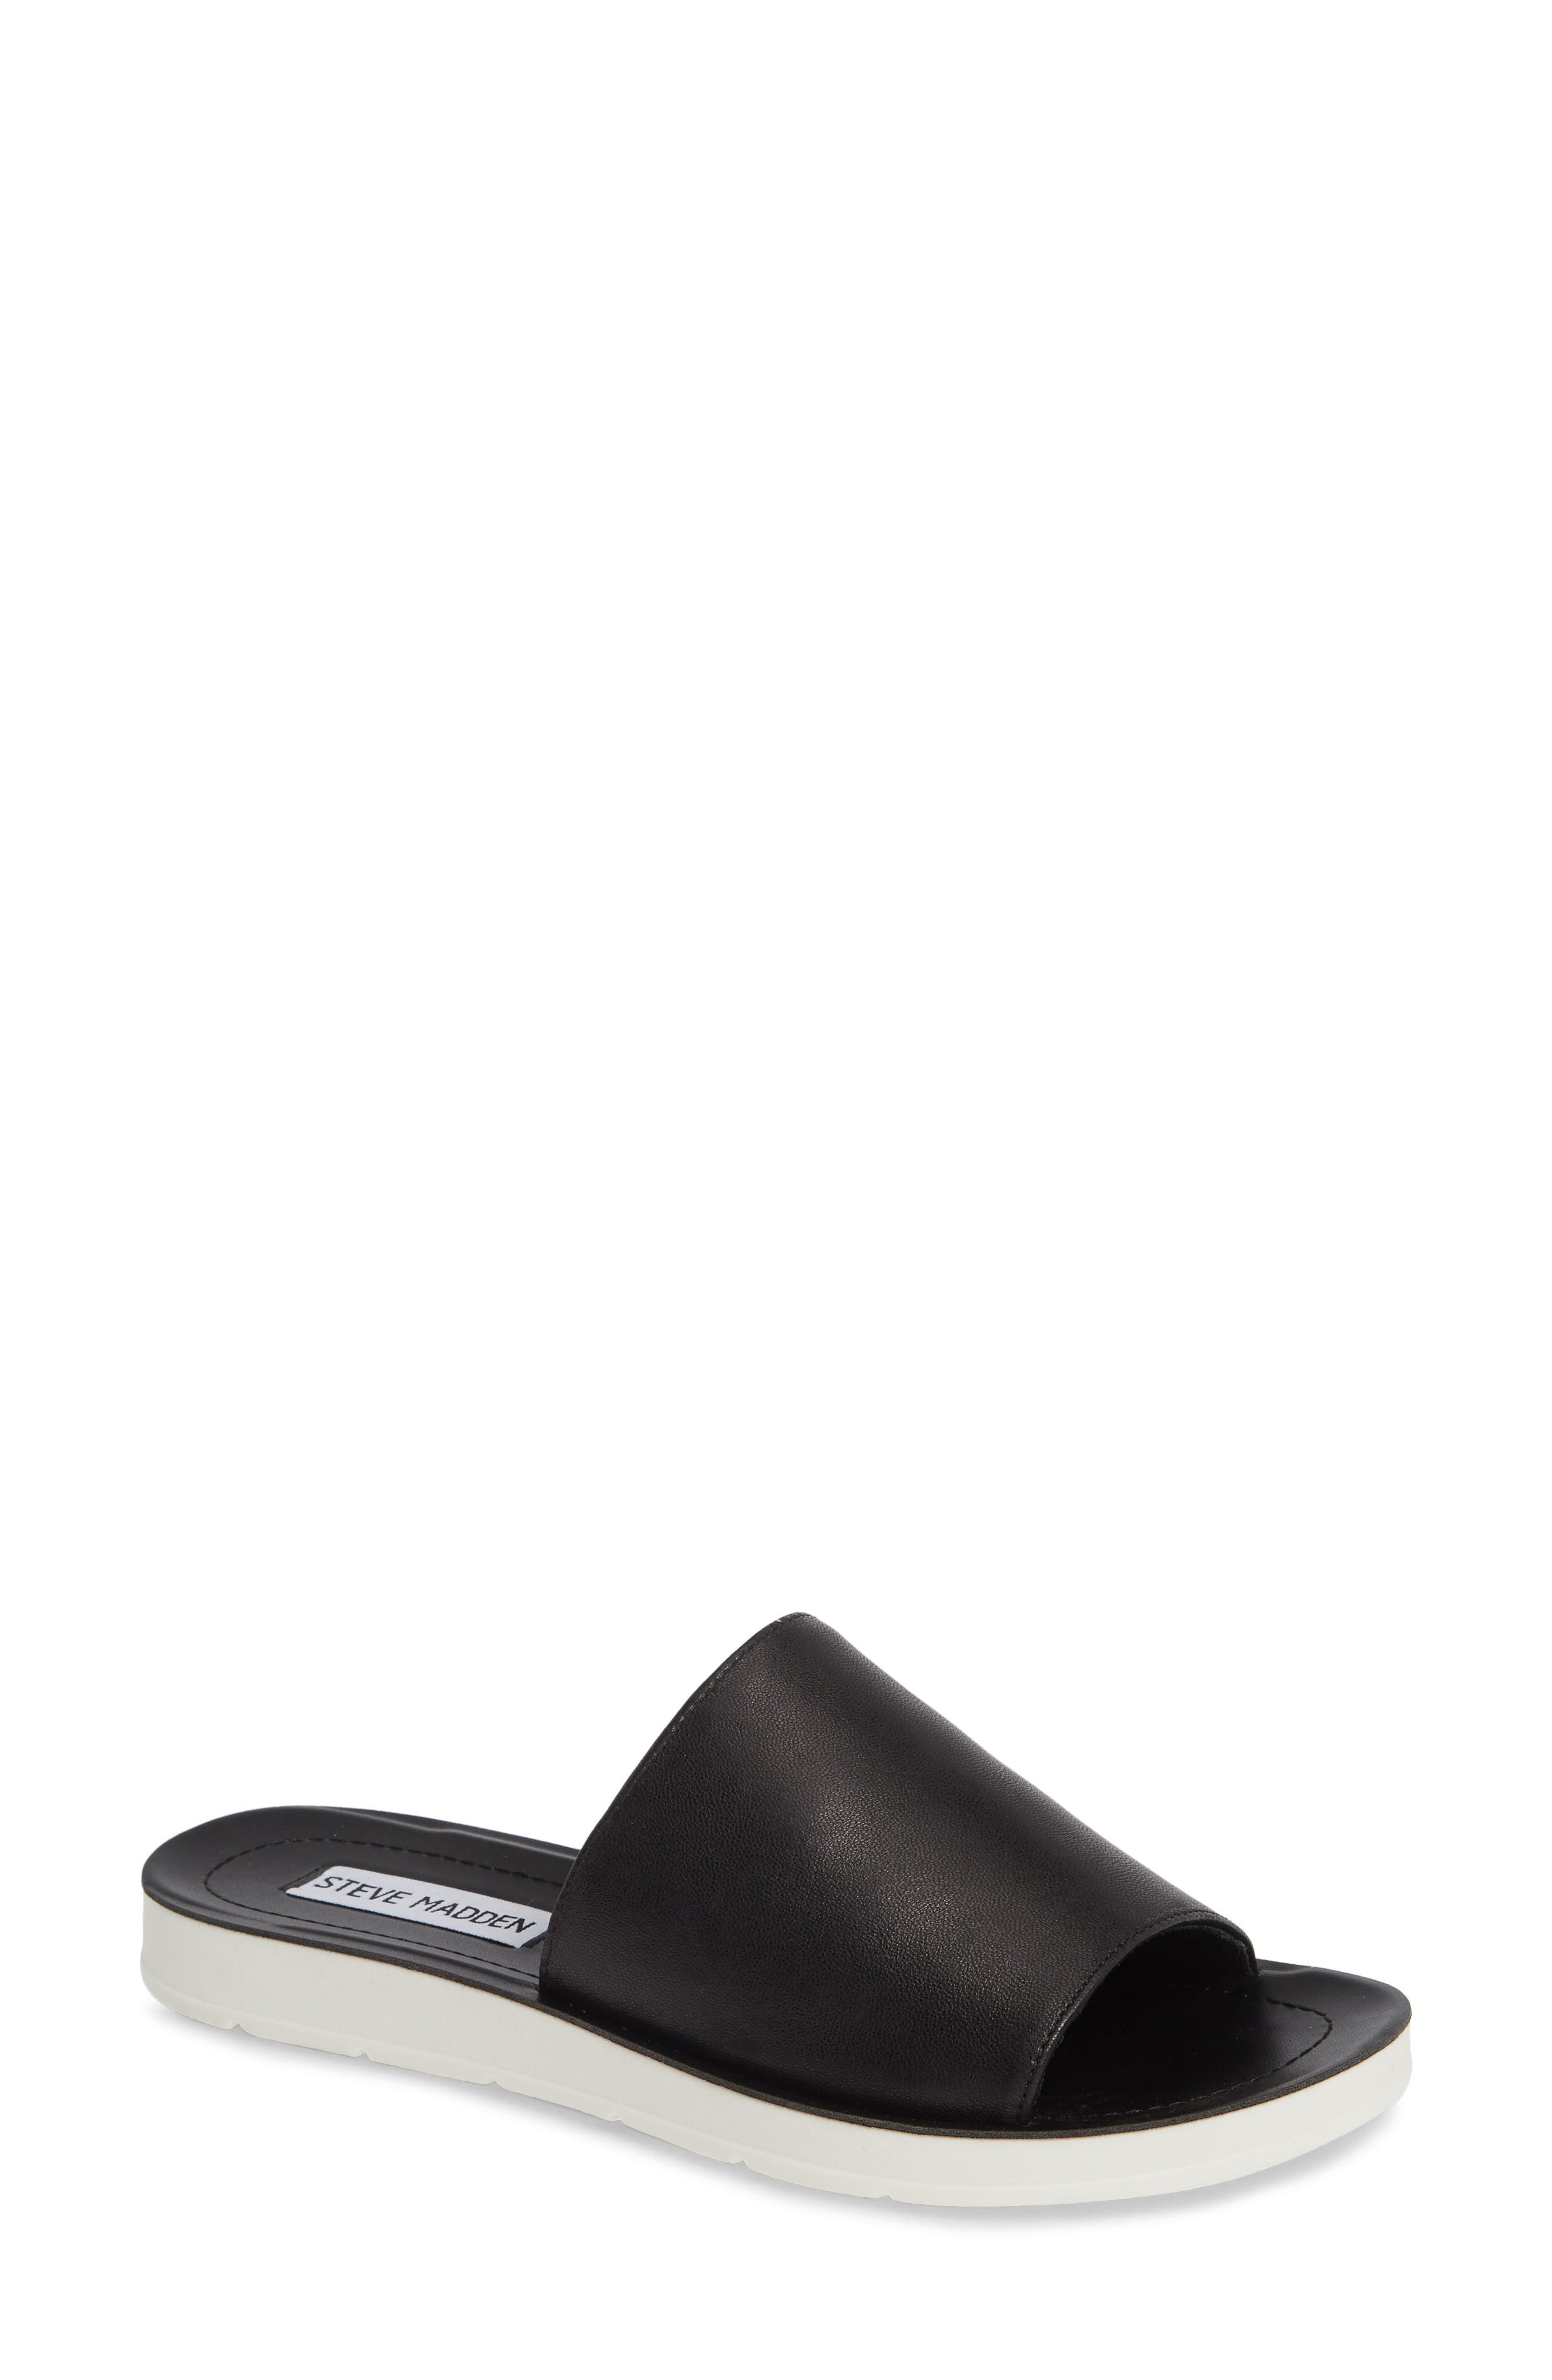 STEVE MADDEN,                             Porter Slide Sandal,                             Main thumbnail 1, color,                             BLACK LEATHER